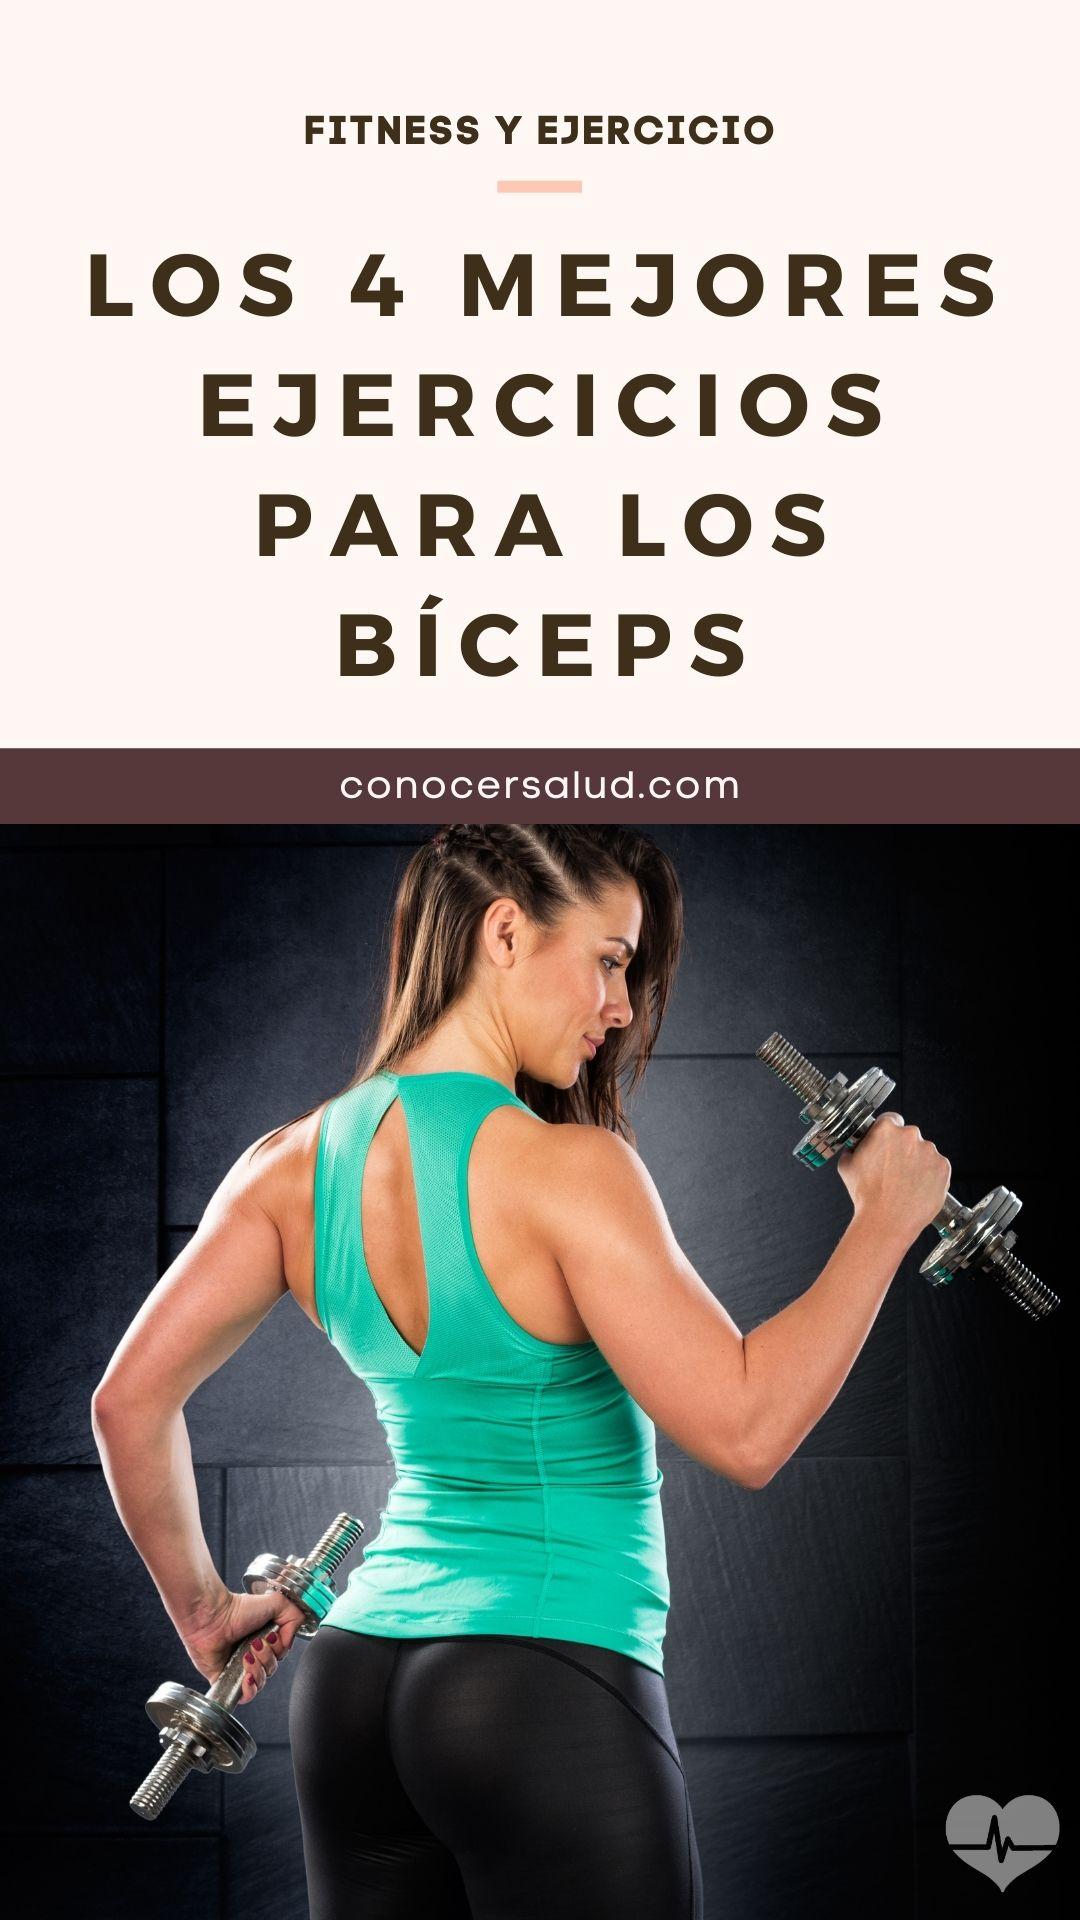 Los 4 mejores ejercicios para los bíceps